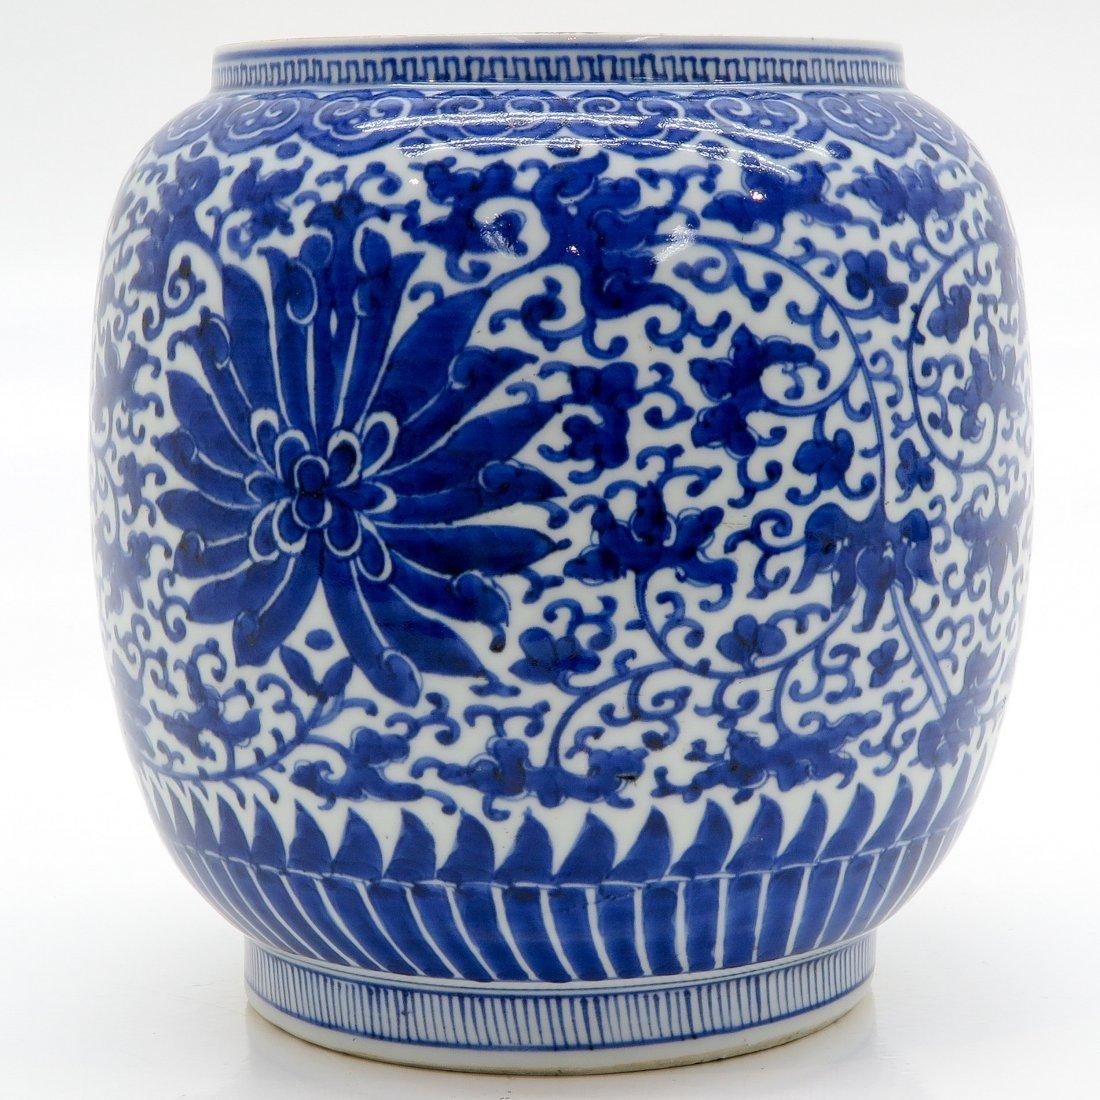 China Porcelain Vase - 3